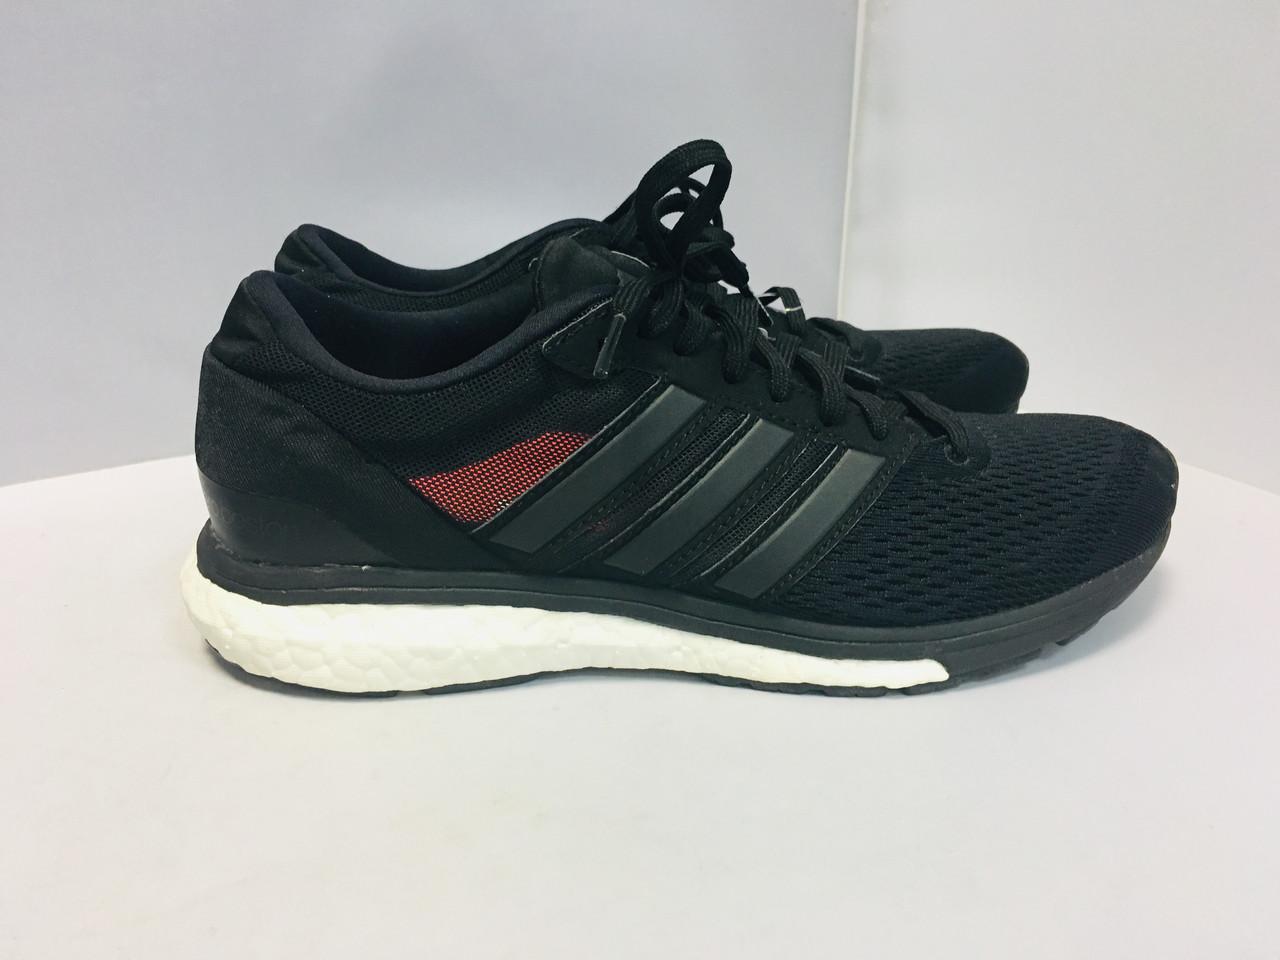 Женские кроссовки Adidas Boost, 38 размер